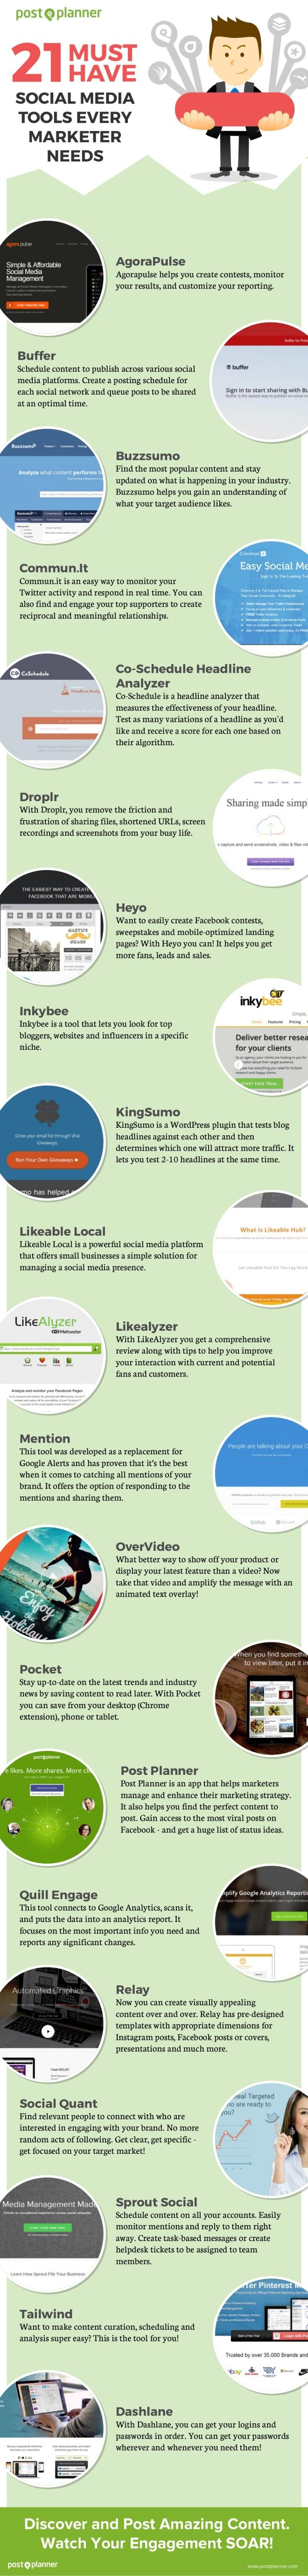 21 herramientas para Redes Sociales para Marketing